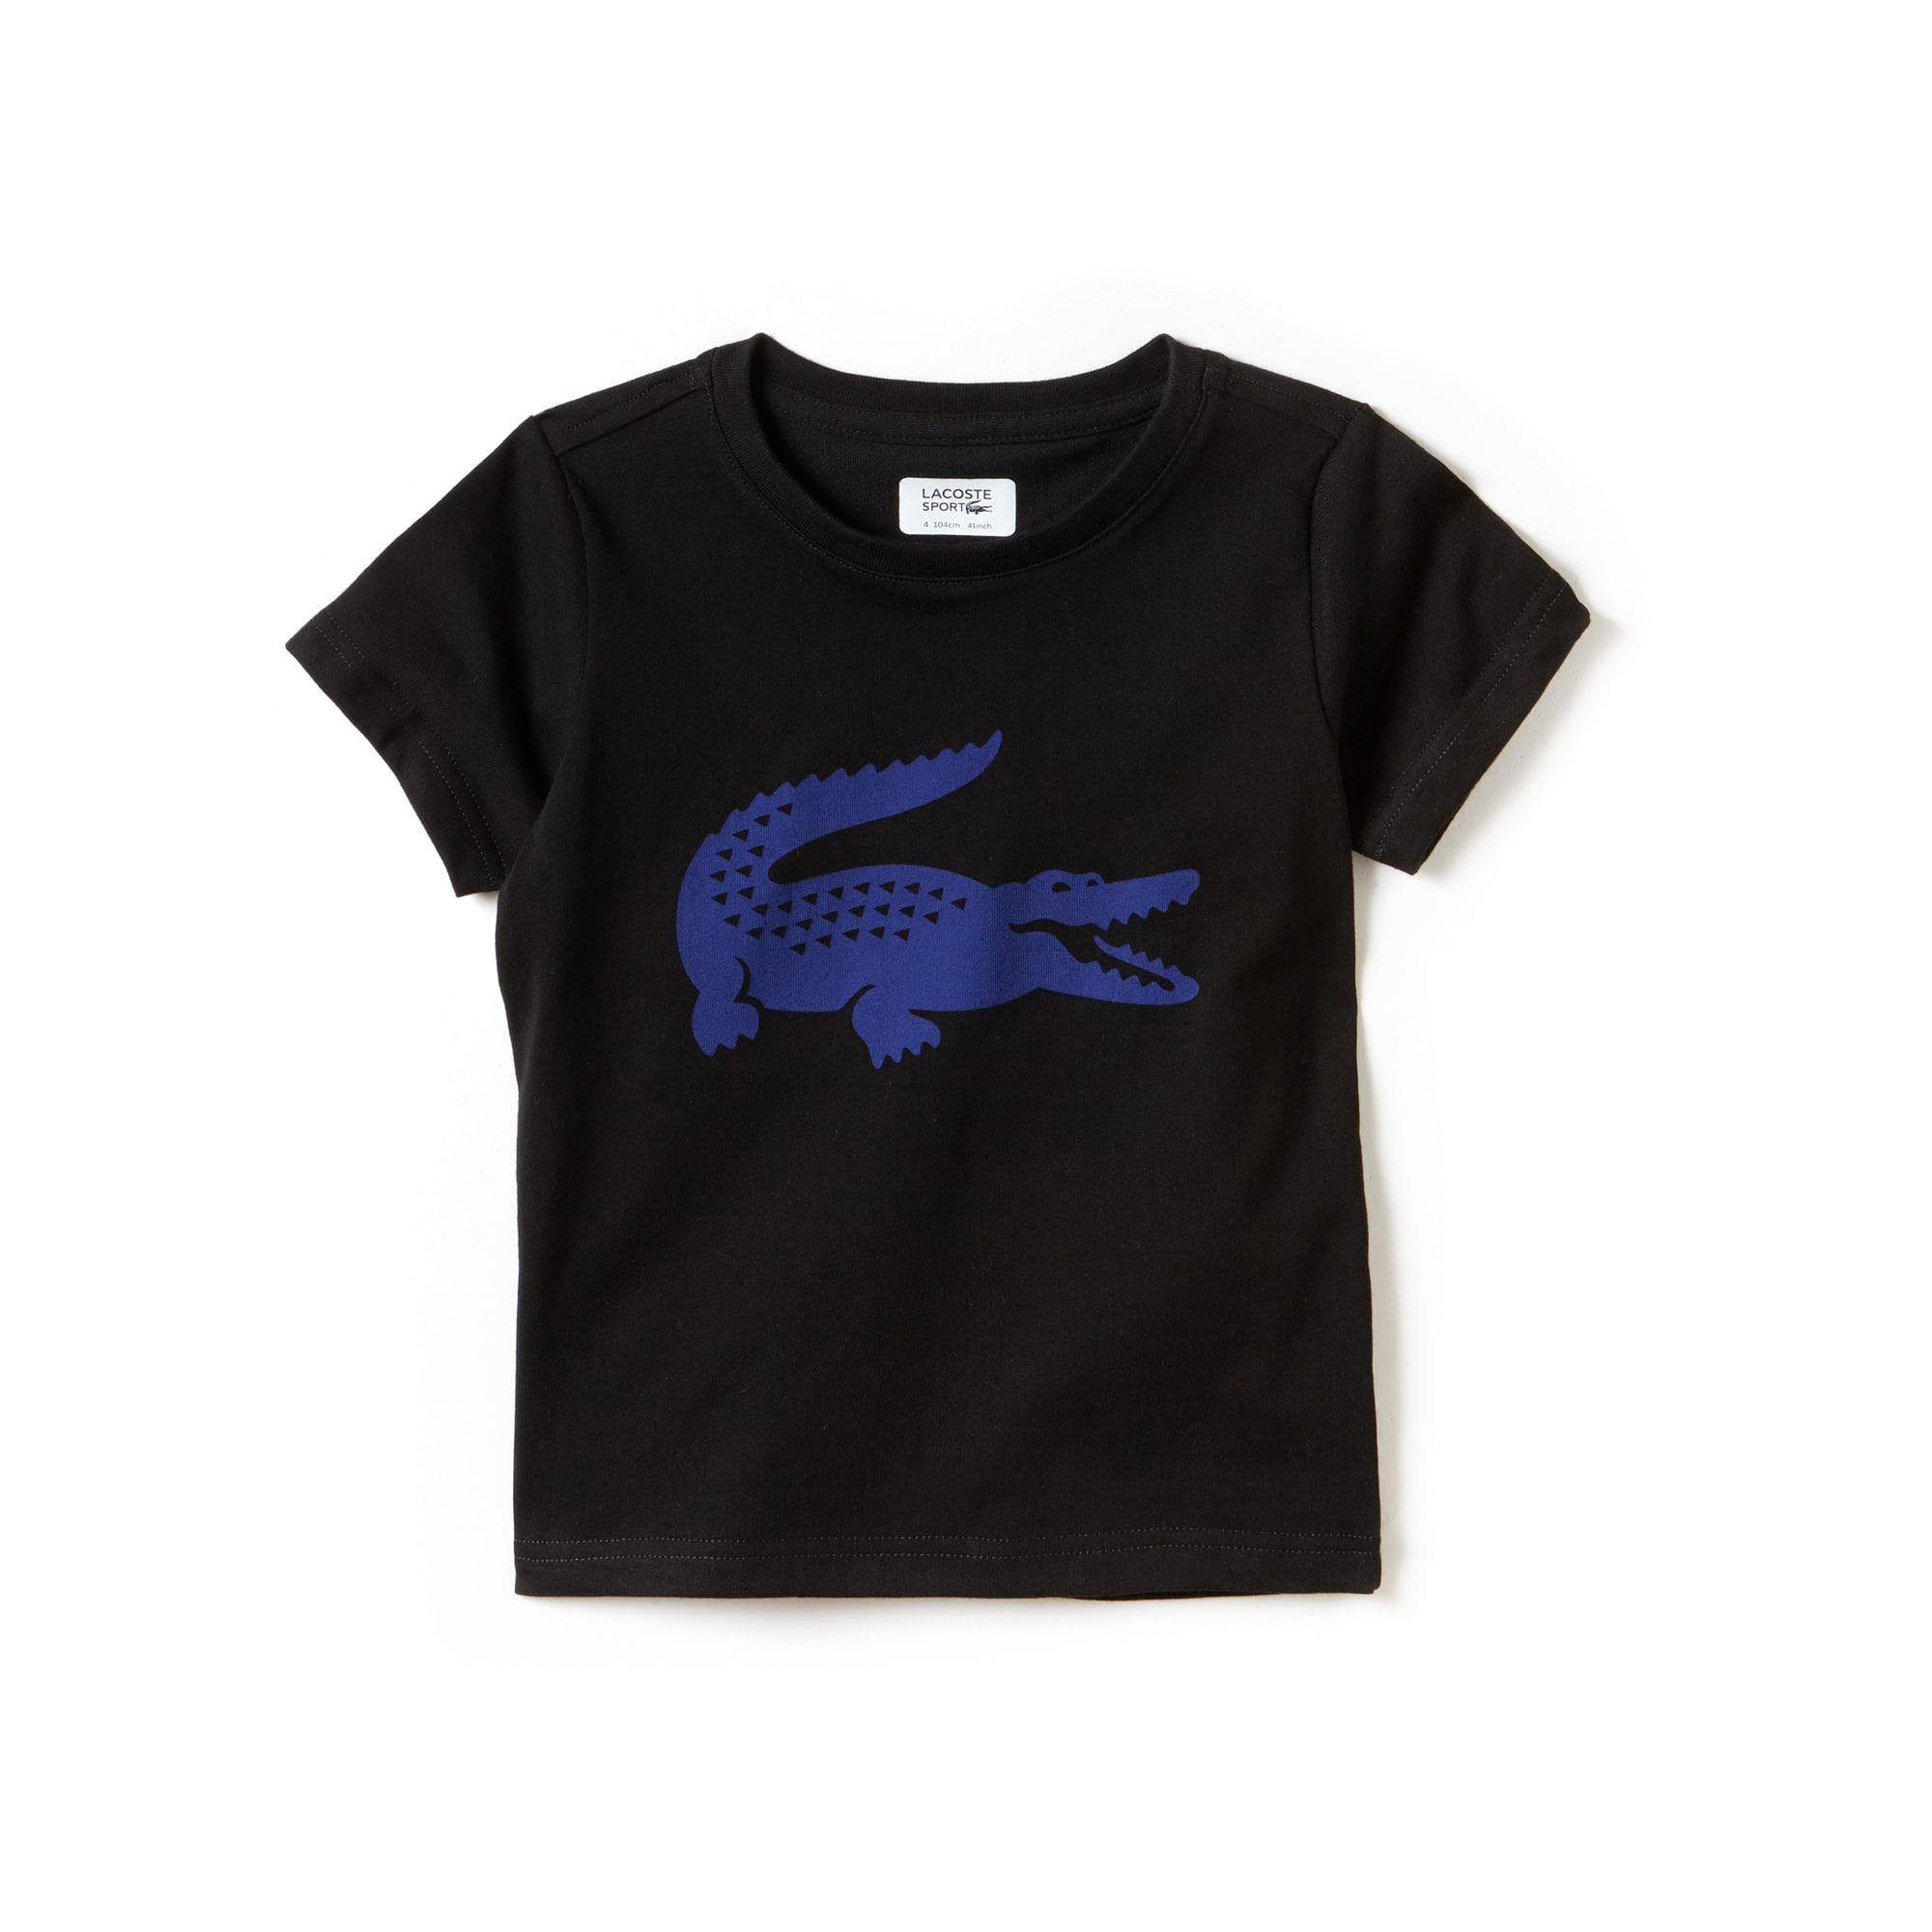 T-shirt Menino Tennis Lacoste SPORT em jersey técnico com crocodilo em tamanho grande